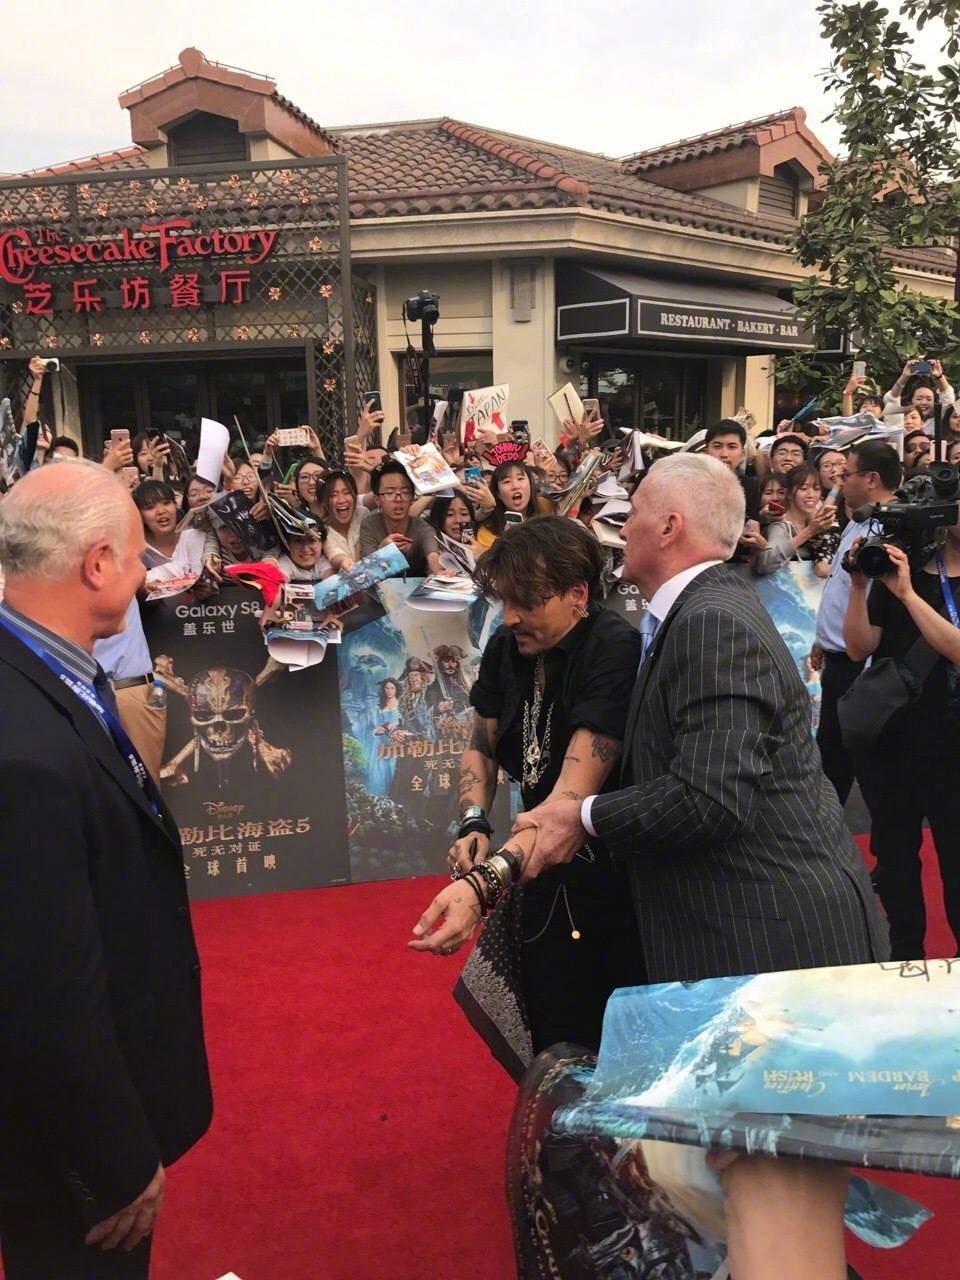 保鏢趕著將強尼戴普帶走,強尼戴普卻極力想為粉絲簽名。 圖/擷自微博